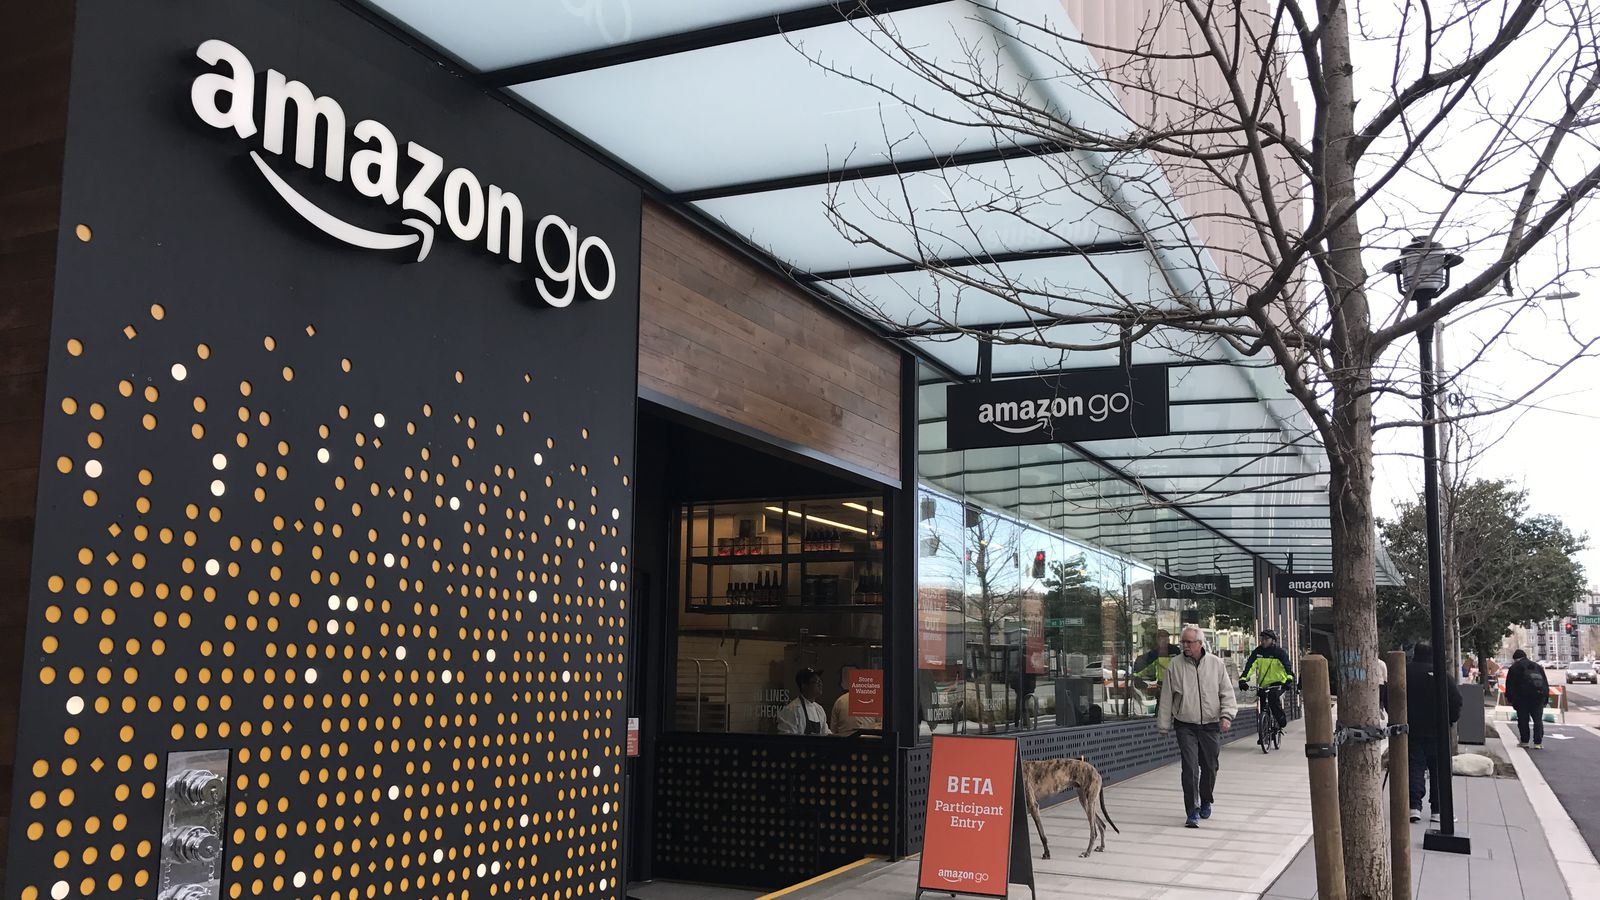 Amazon Go store seattle.0 - Amazon: ¿Qué estrategias llevaron al éxito a Jeff Bezos?